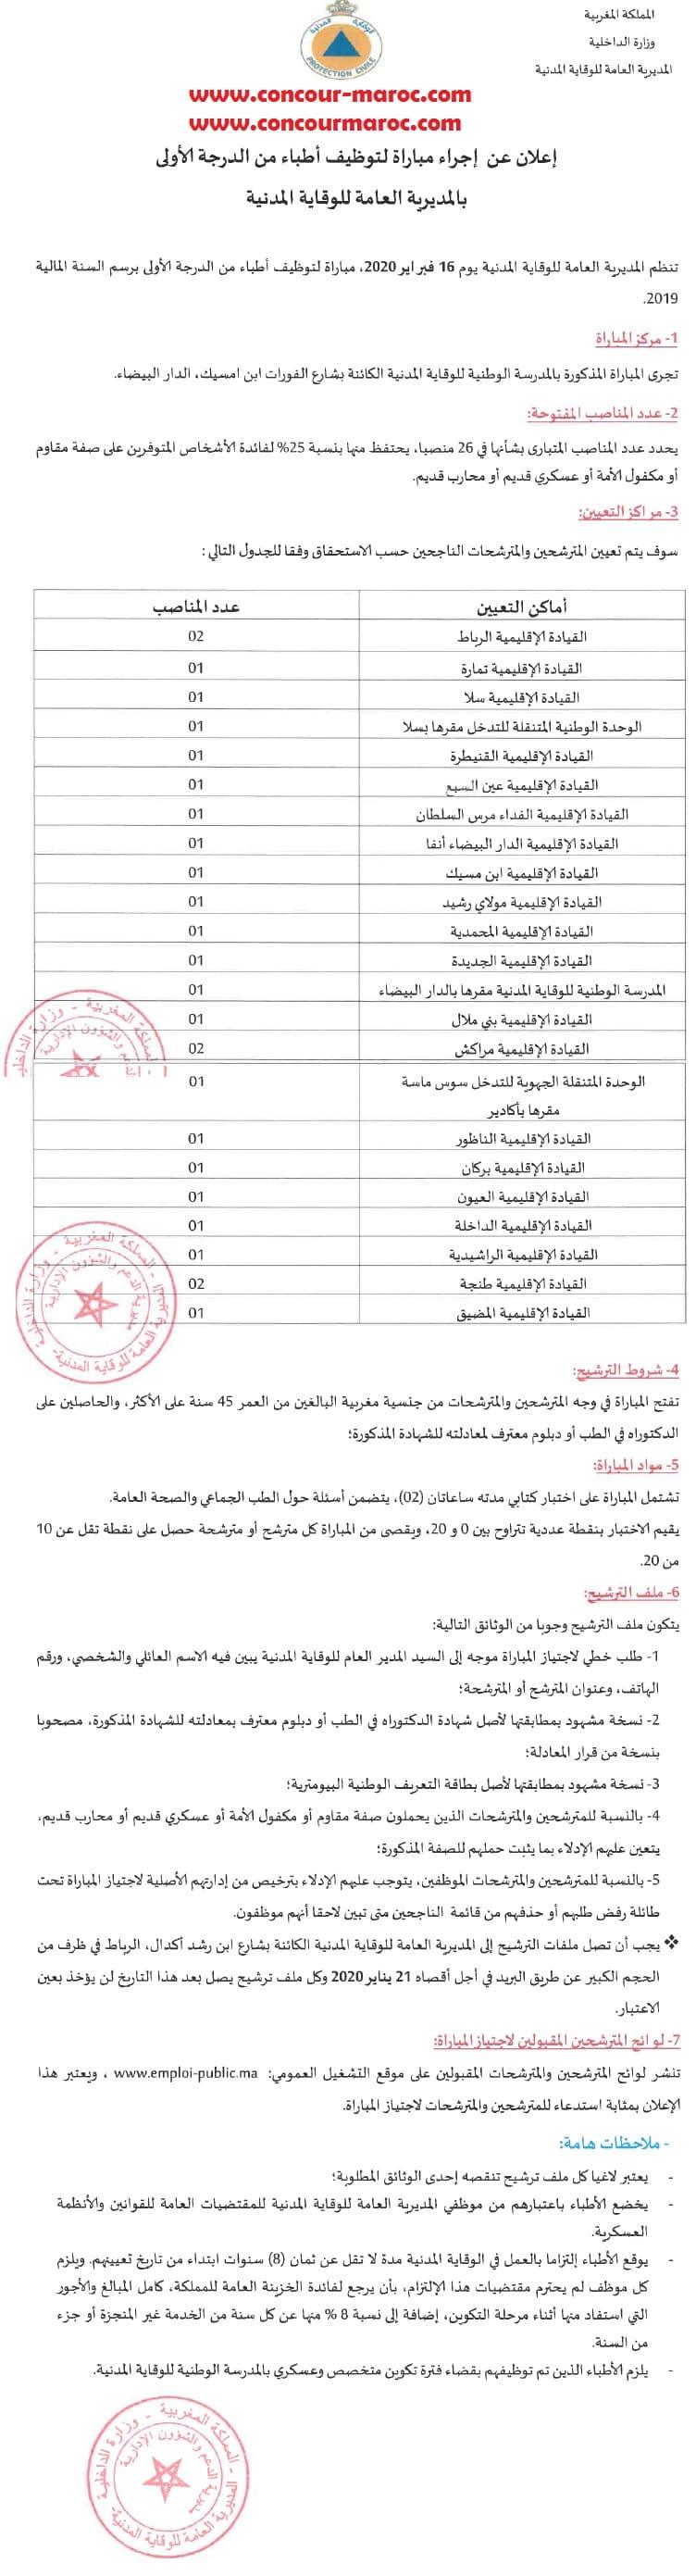 المديرية العامة للوقاية المدنية : مباراة توظيف 51 منصب آخر أجل لإيداع الترشيحات 21 يناير 2020 Aoo_ao26